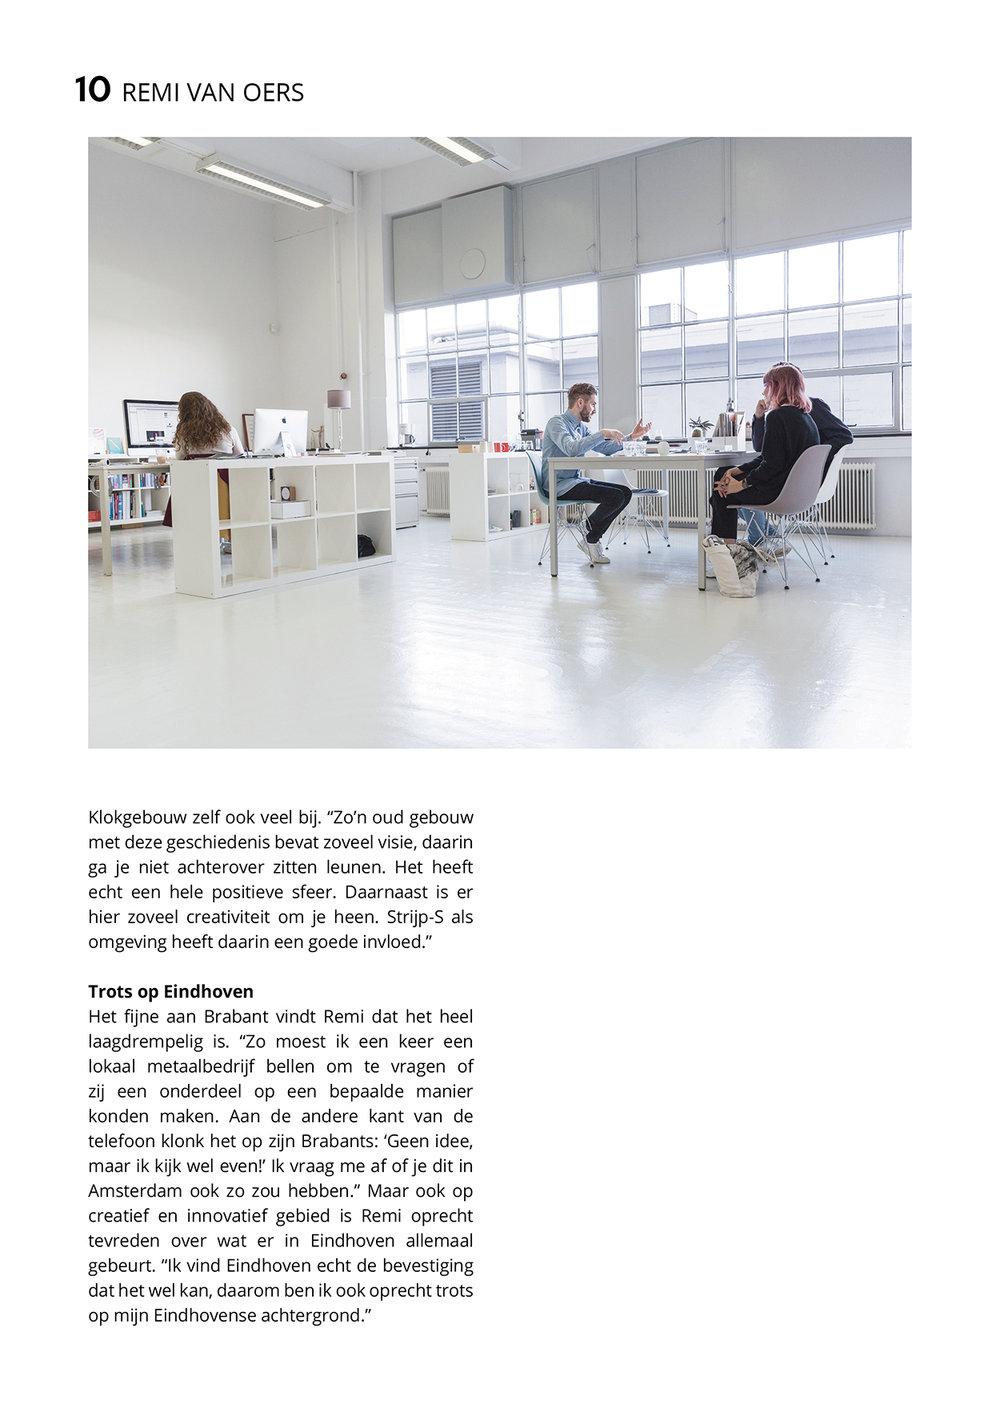 Member-S Strijp S interview ontwerper 03